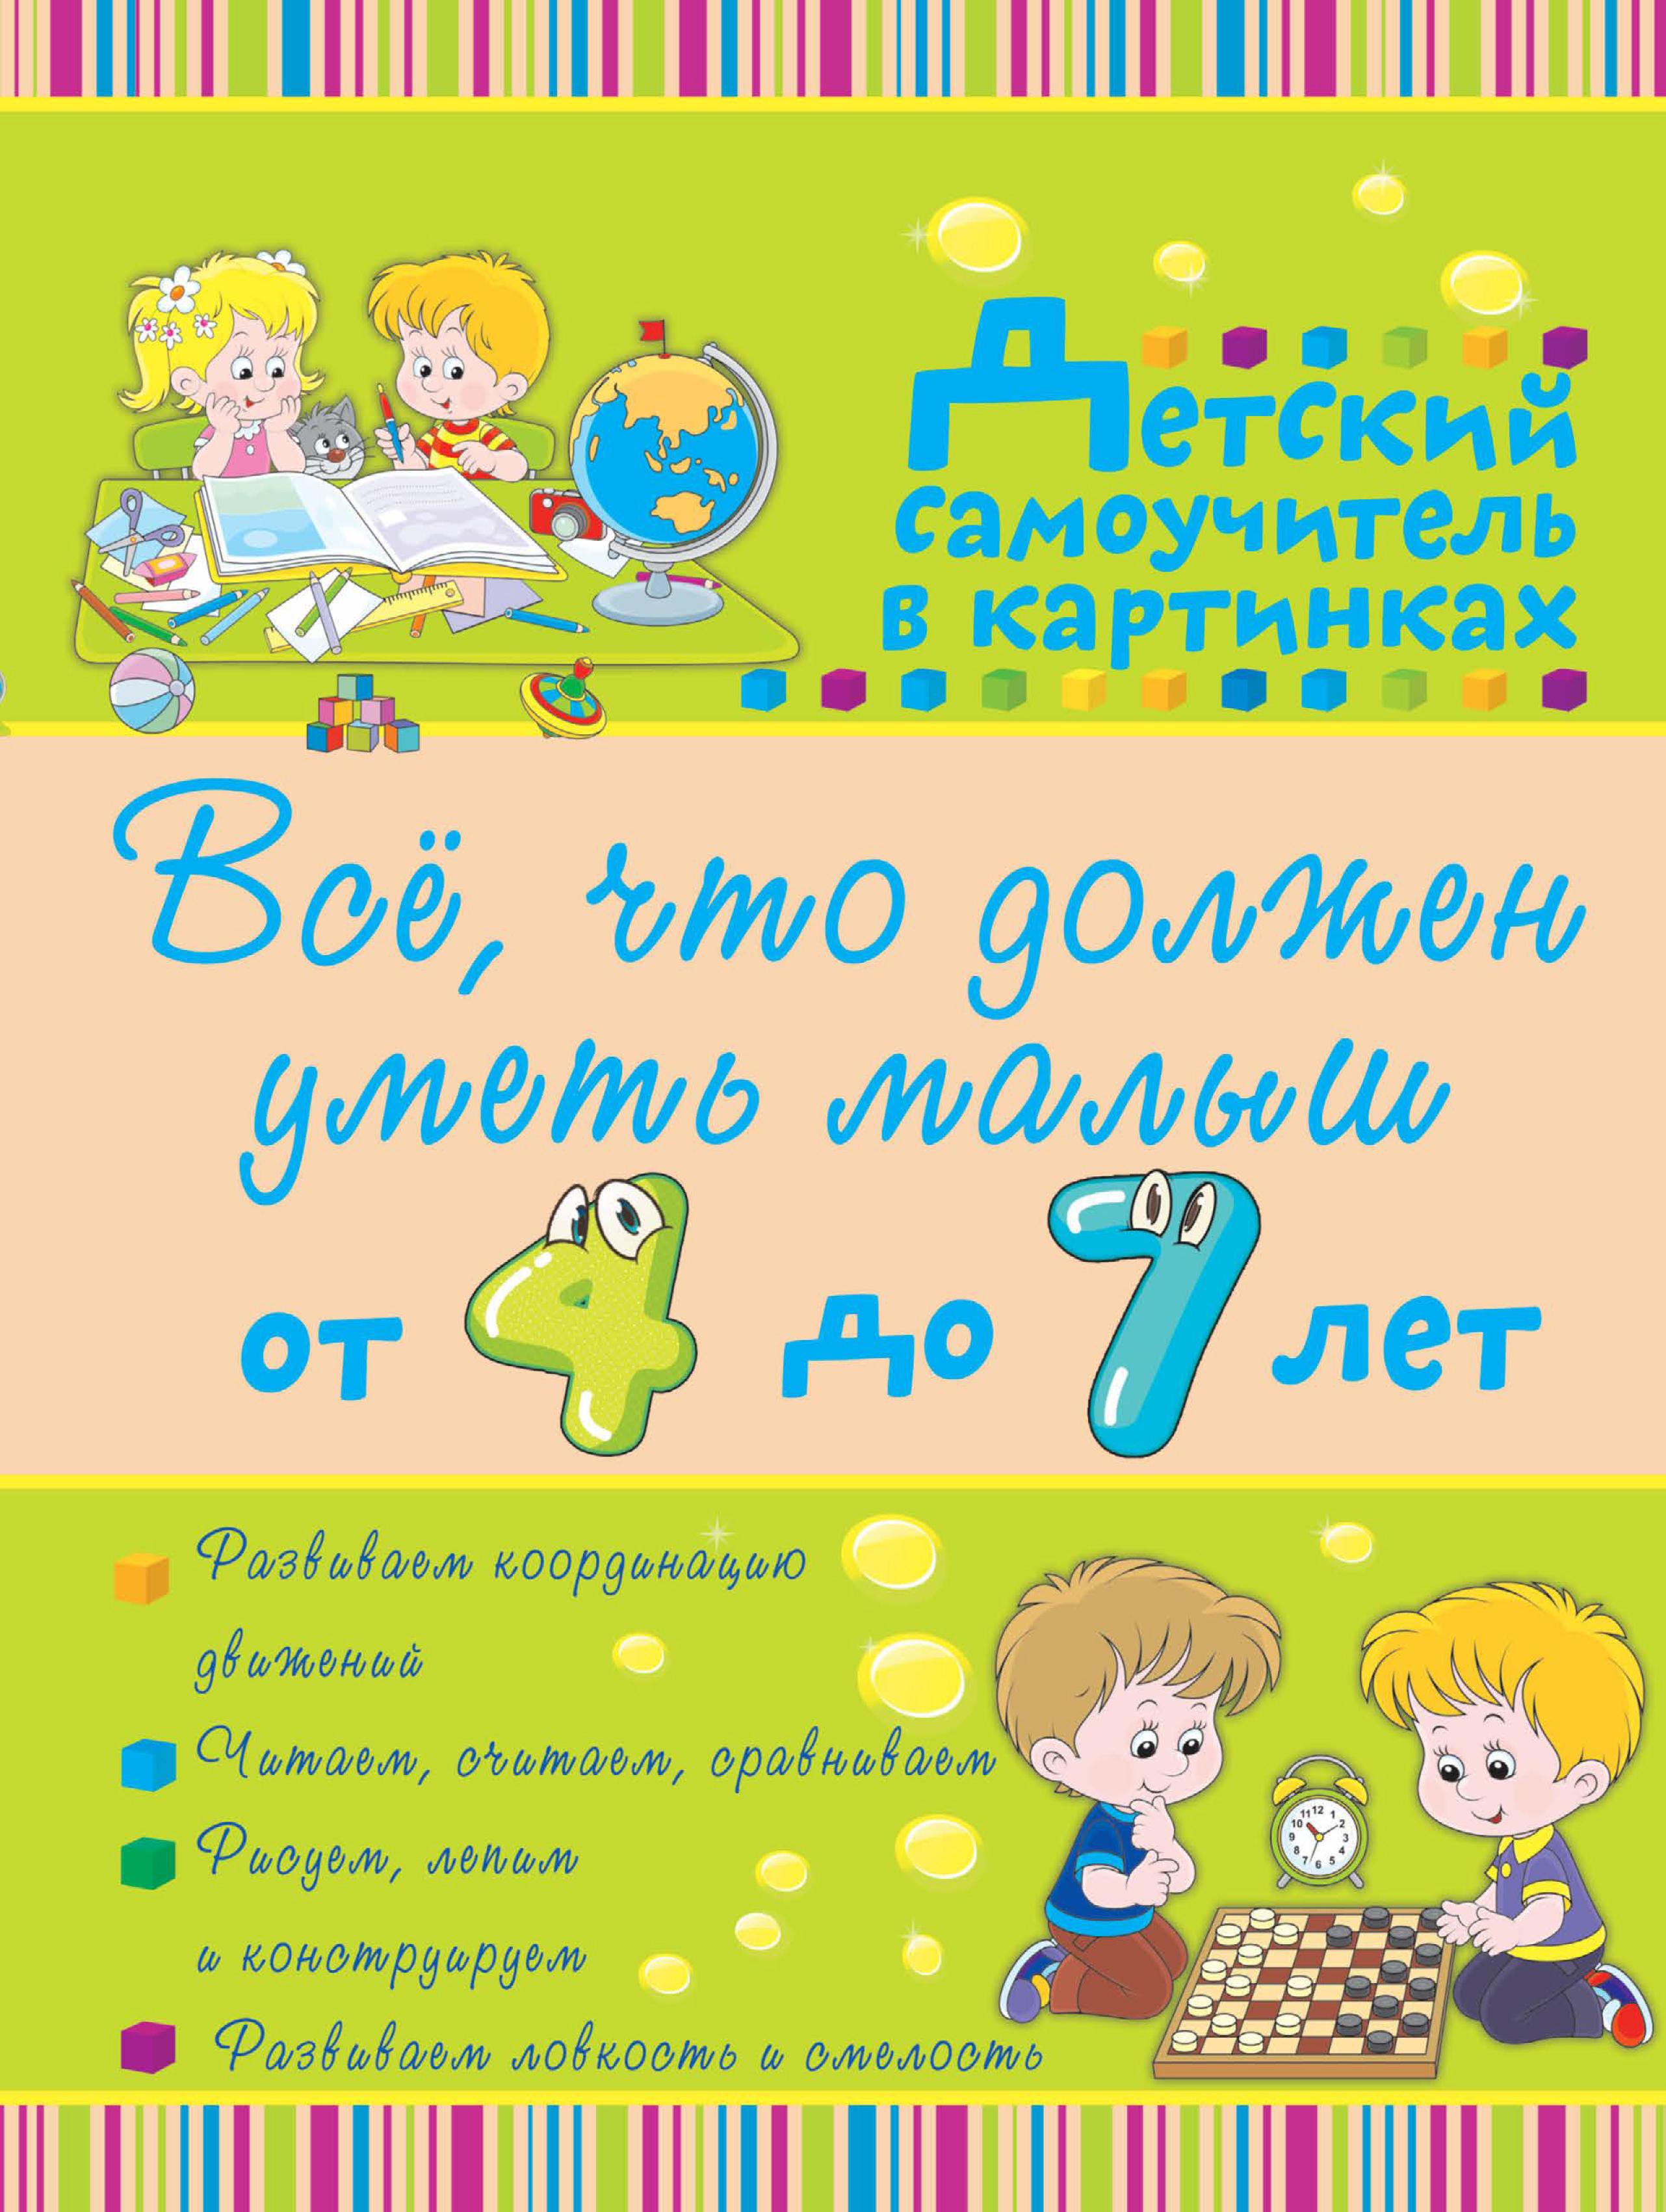 Ирина Никитенко Всё, что должен уметь малыш от 4 до 7 лет горчакова в развиваем способности ребенка как подготовить его к школе от 4 до 7 лет